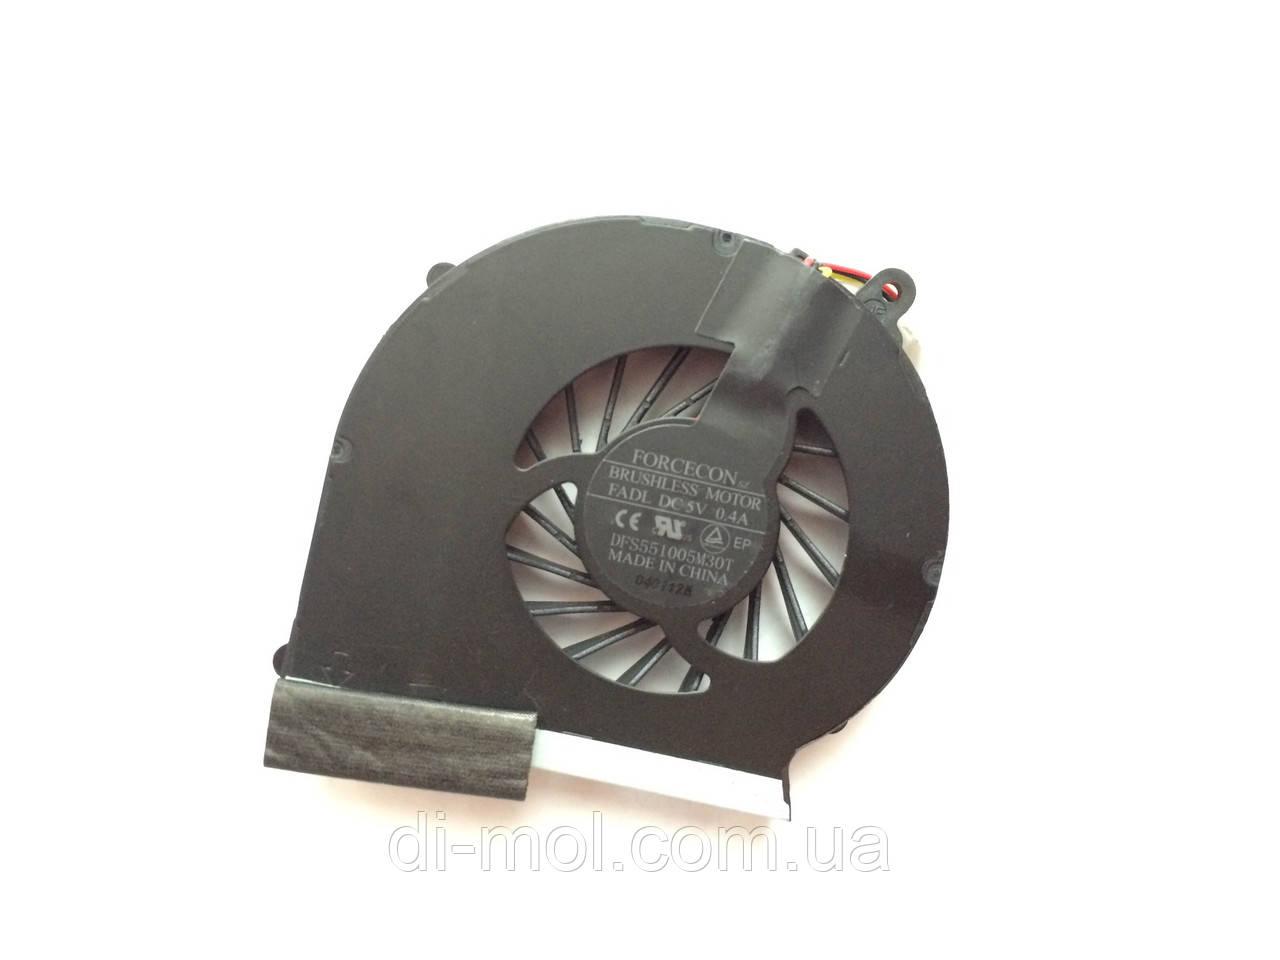 Вентилятор для ноутбука HP COMPAQ CQ43, CQ57, 430, 431, 435, 436, 630, 635, 636 series, 3-pin